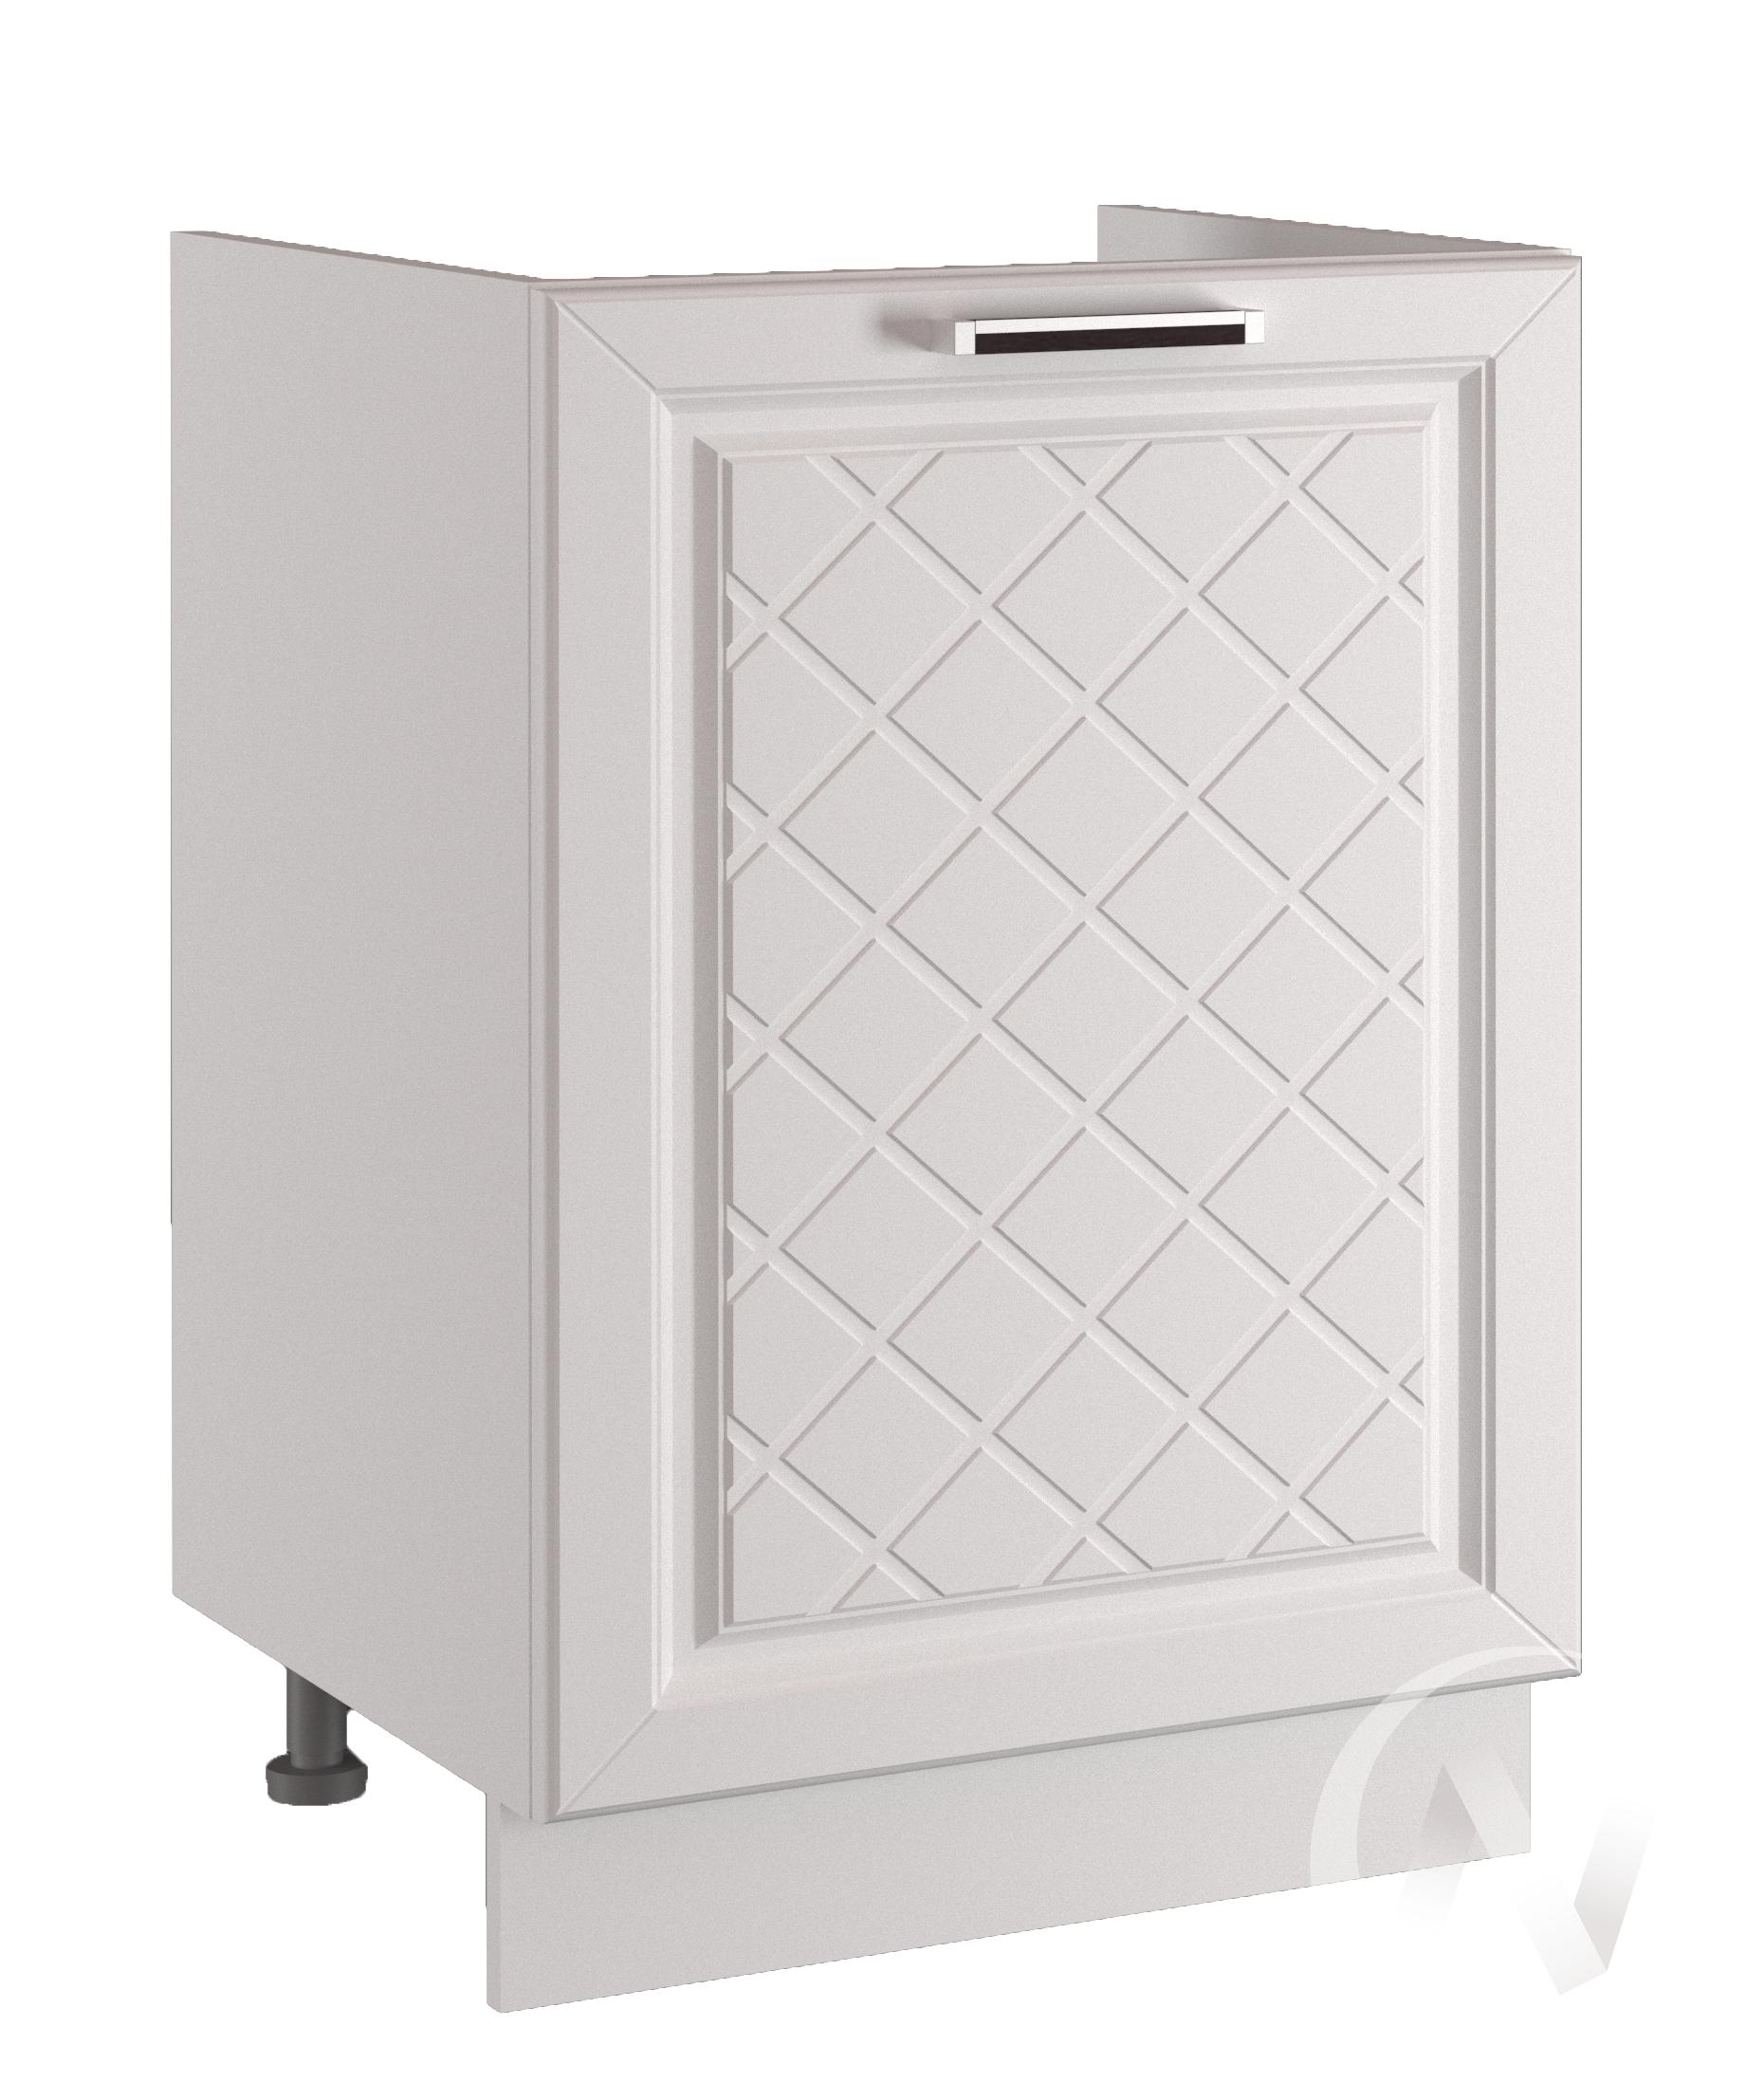 """Кухня """"Вена"""": Шкаф нижний под мойку 500, ШНМ 500 (корпус белый)"""